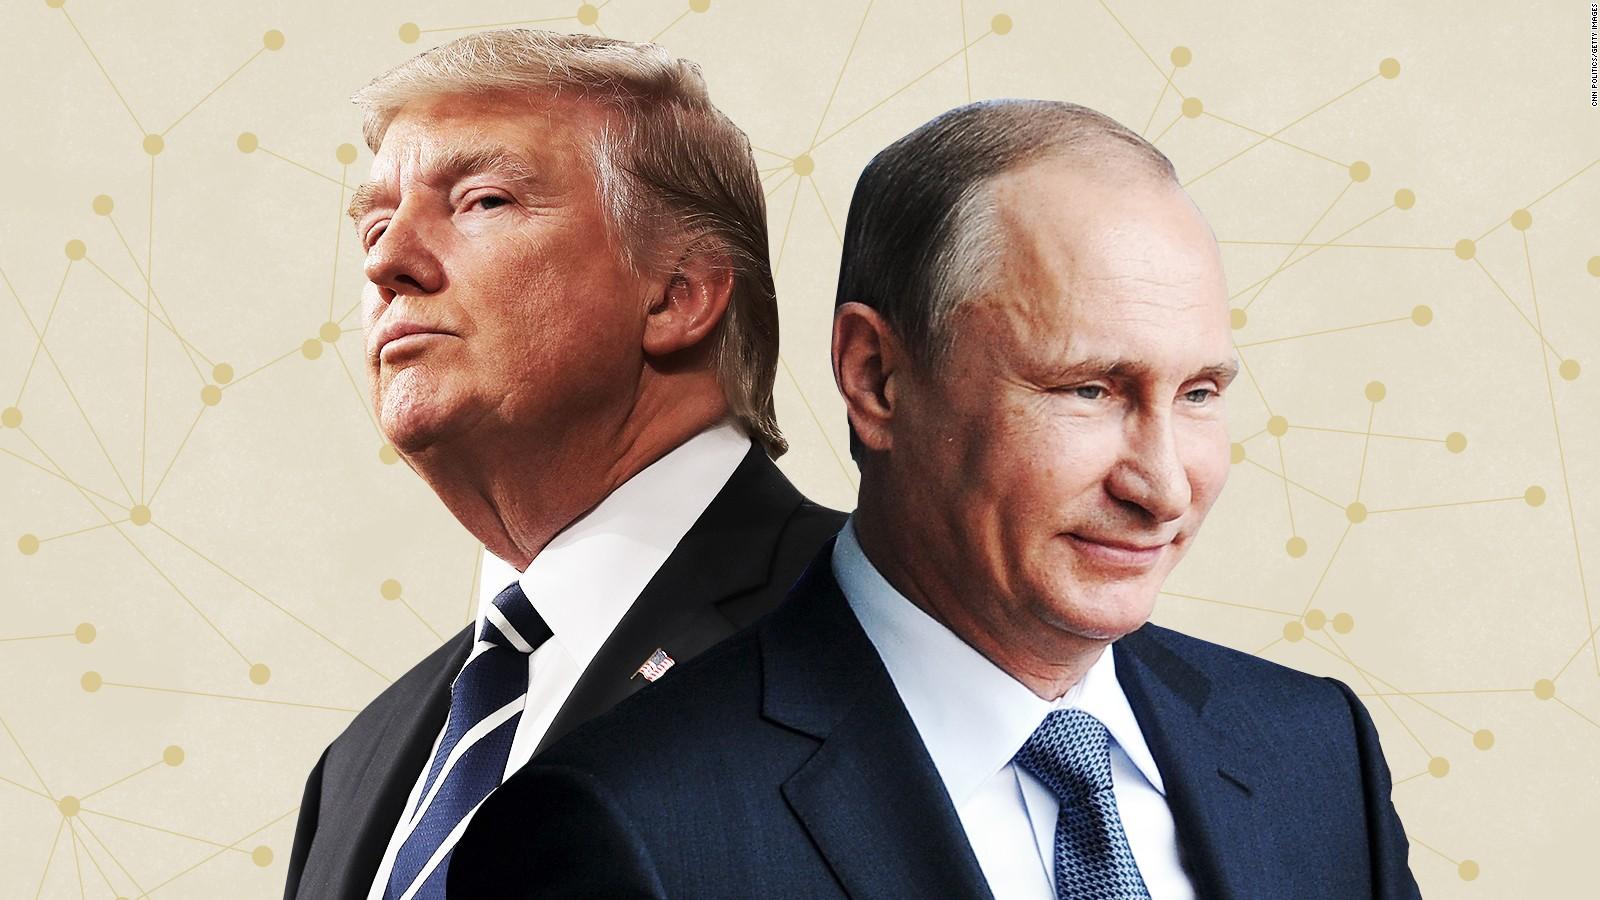 V. Putinas pasirengęs pratęsti sutartį su JAV dėl ginkluotės mažinimo